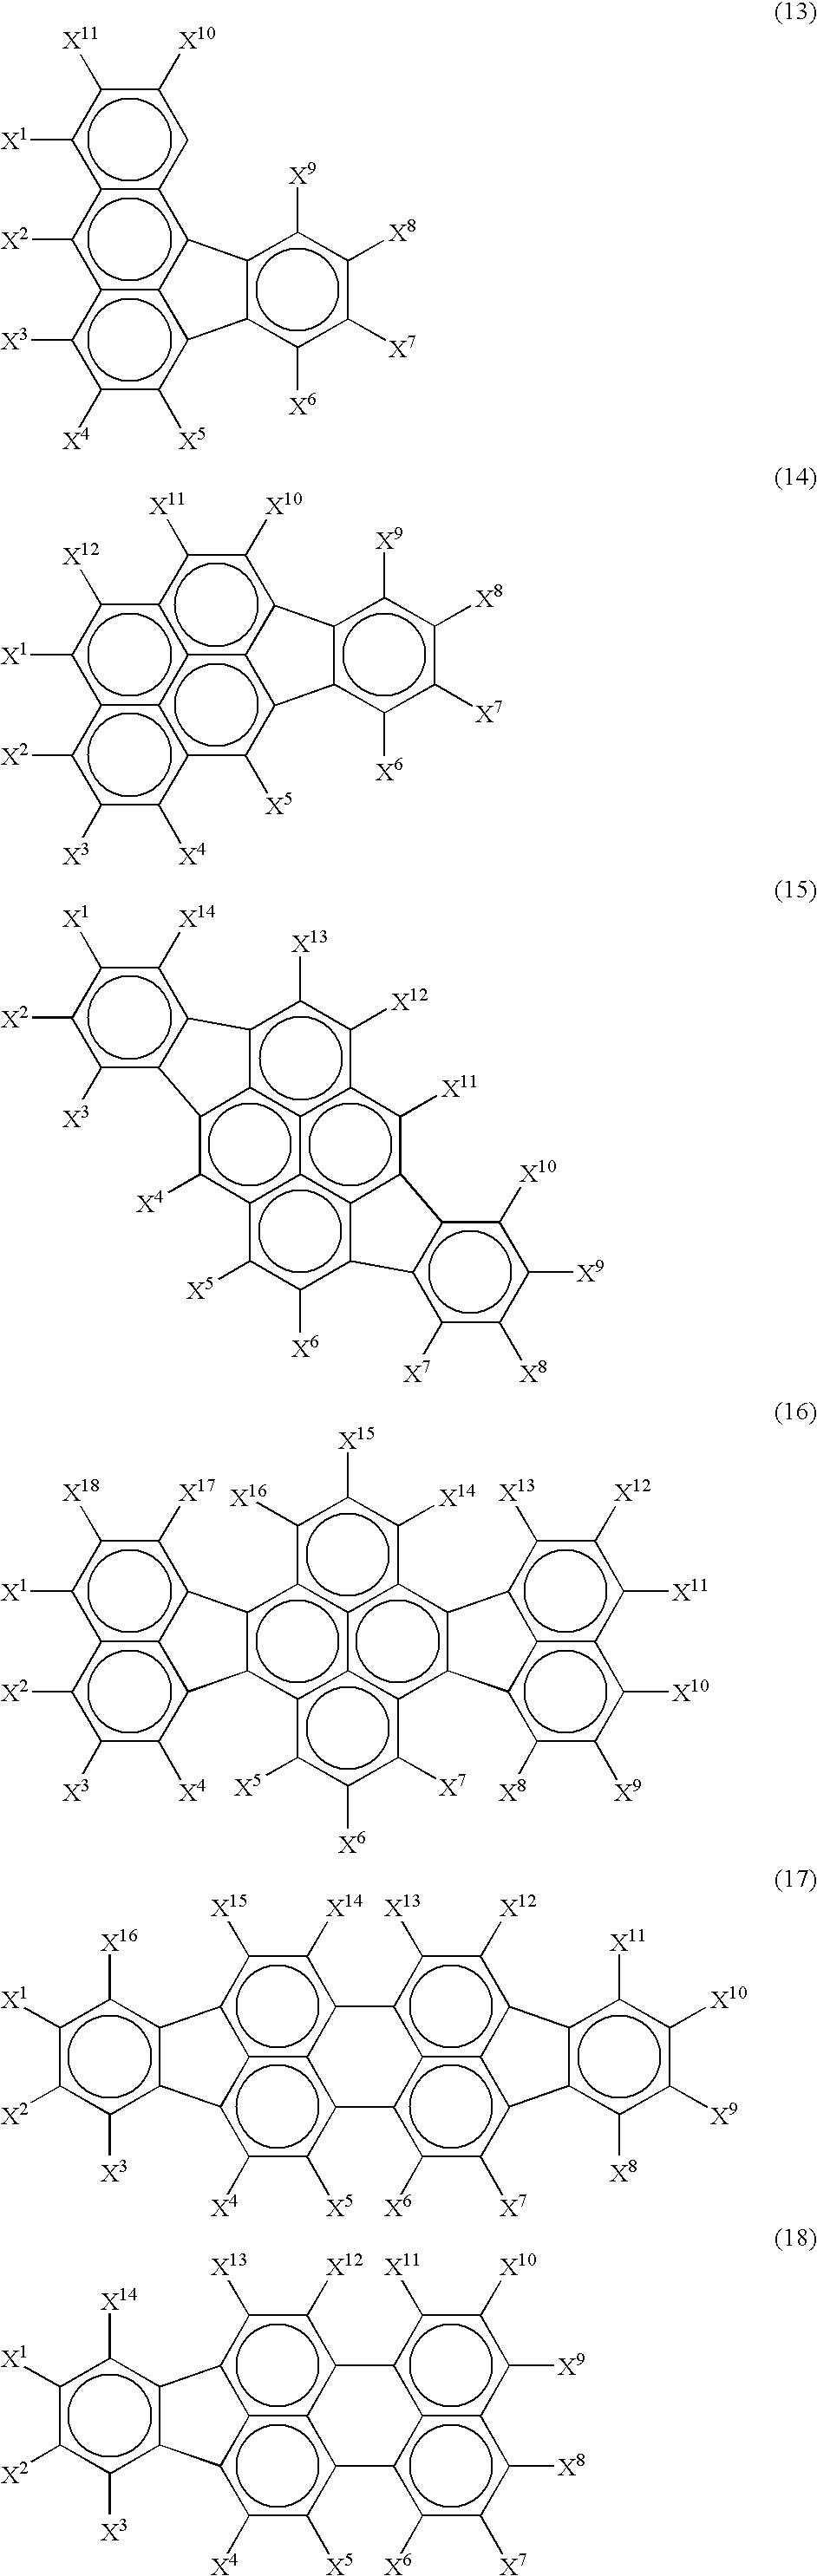 Figure US20080049413A1-20080228-C00023